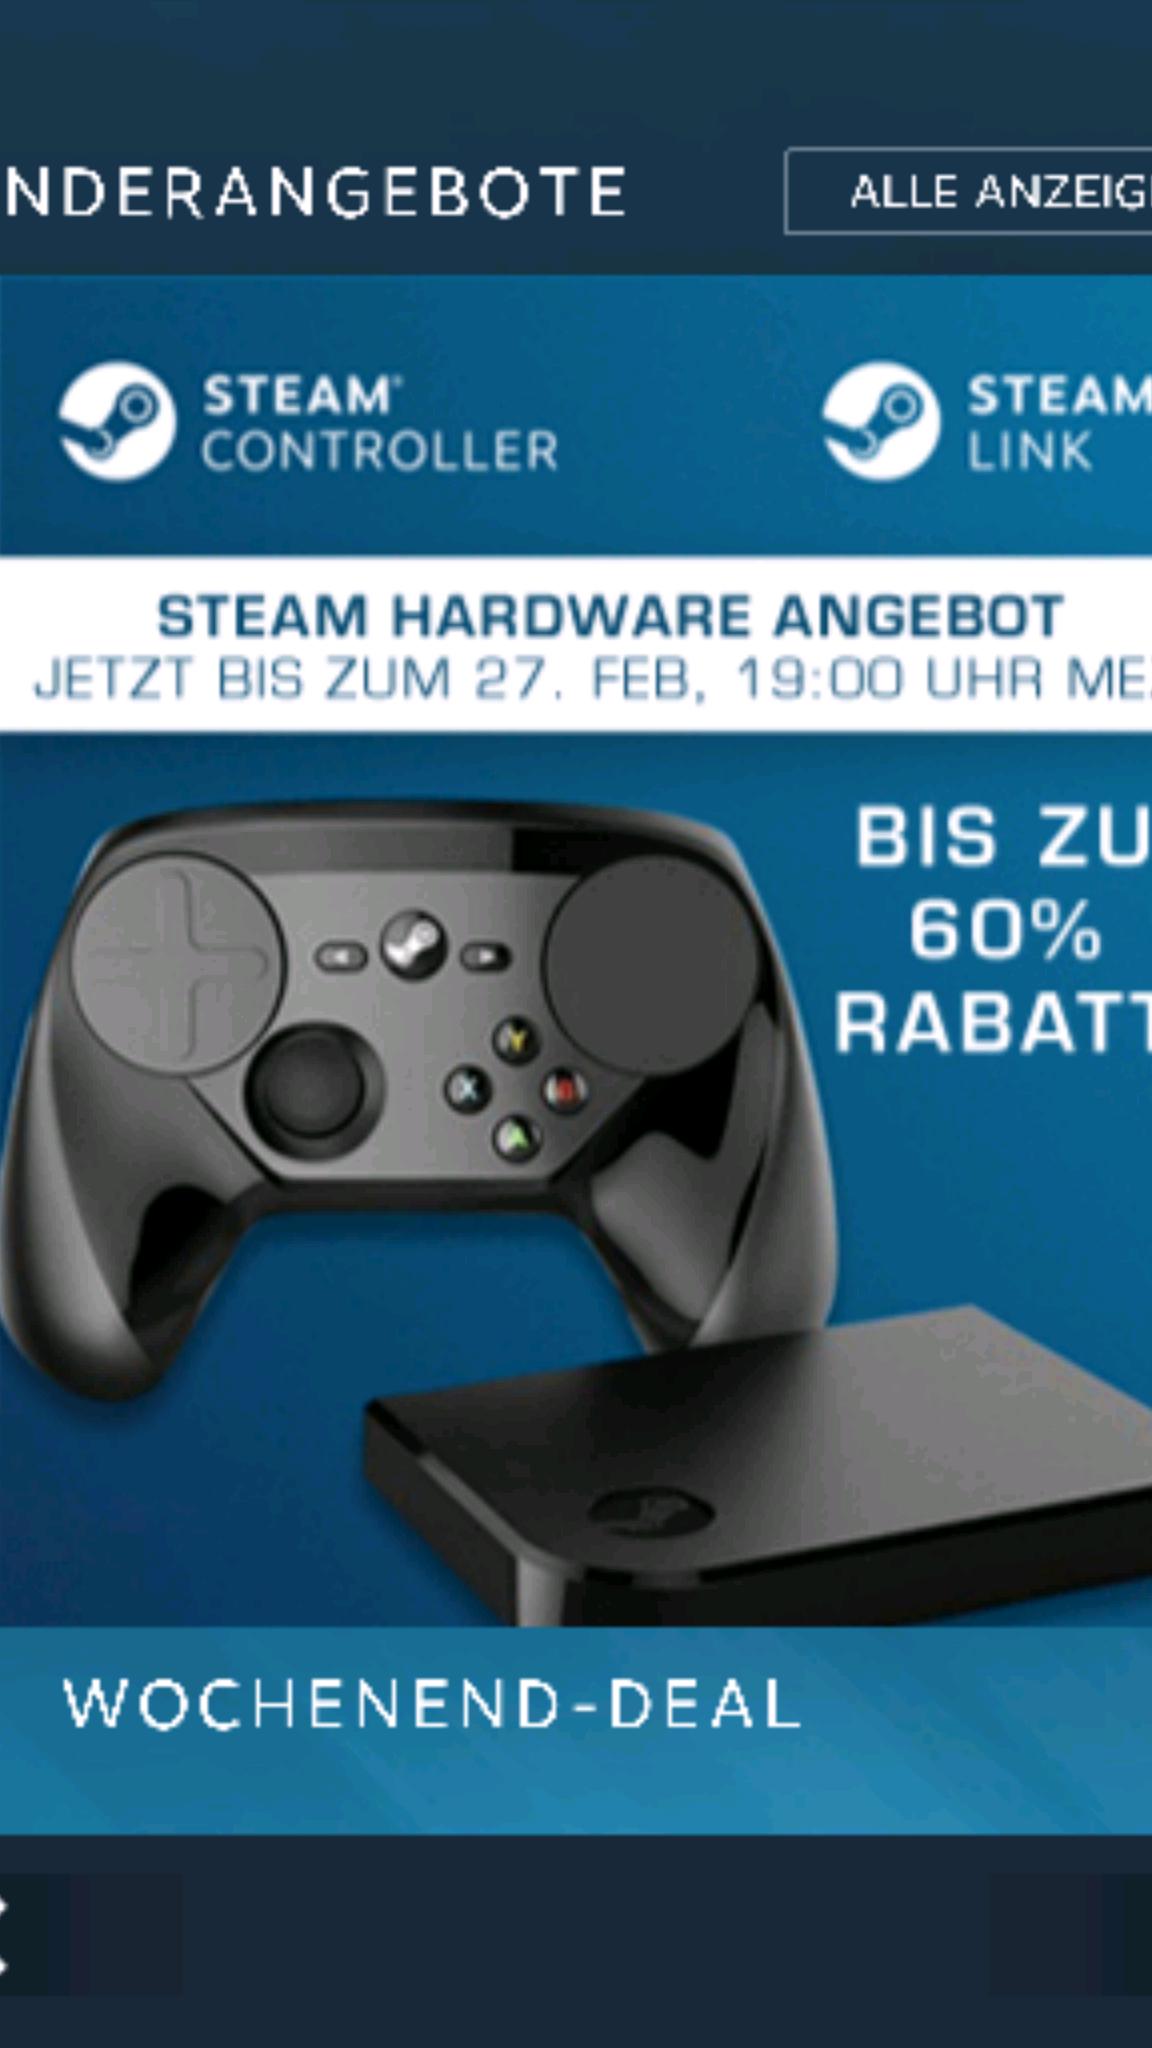 Steam Controller und Link im Angebot